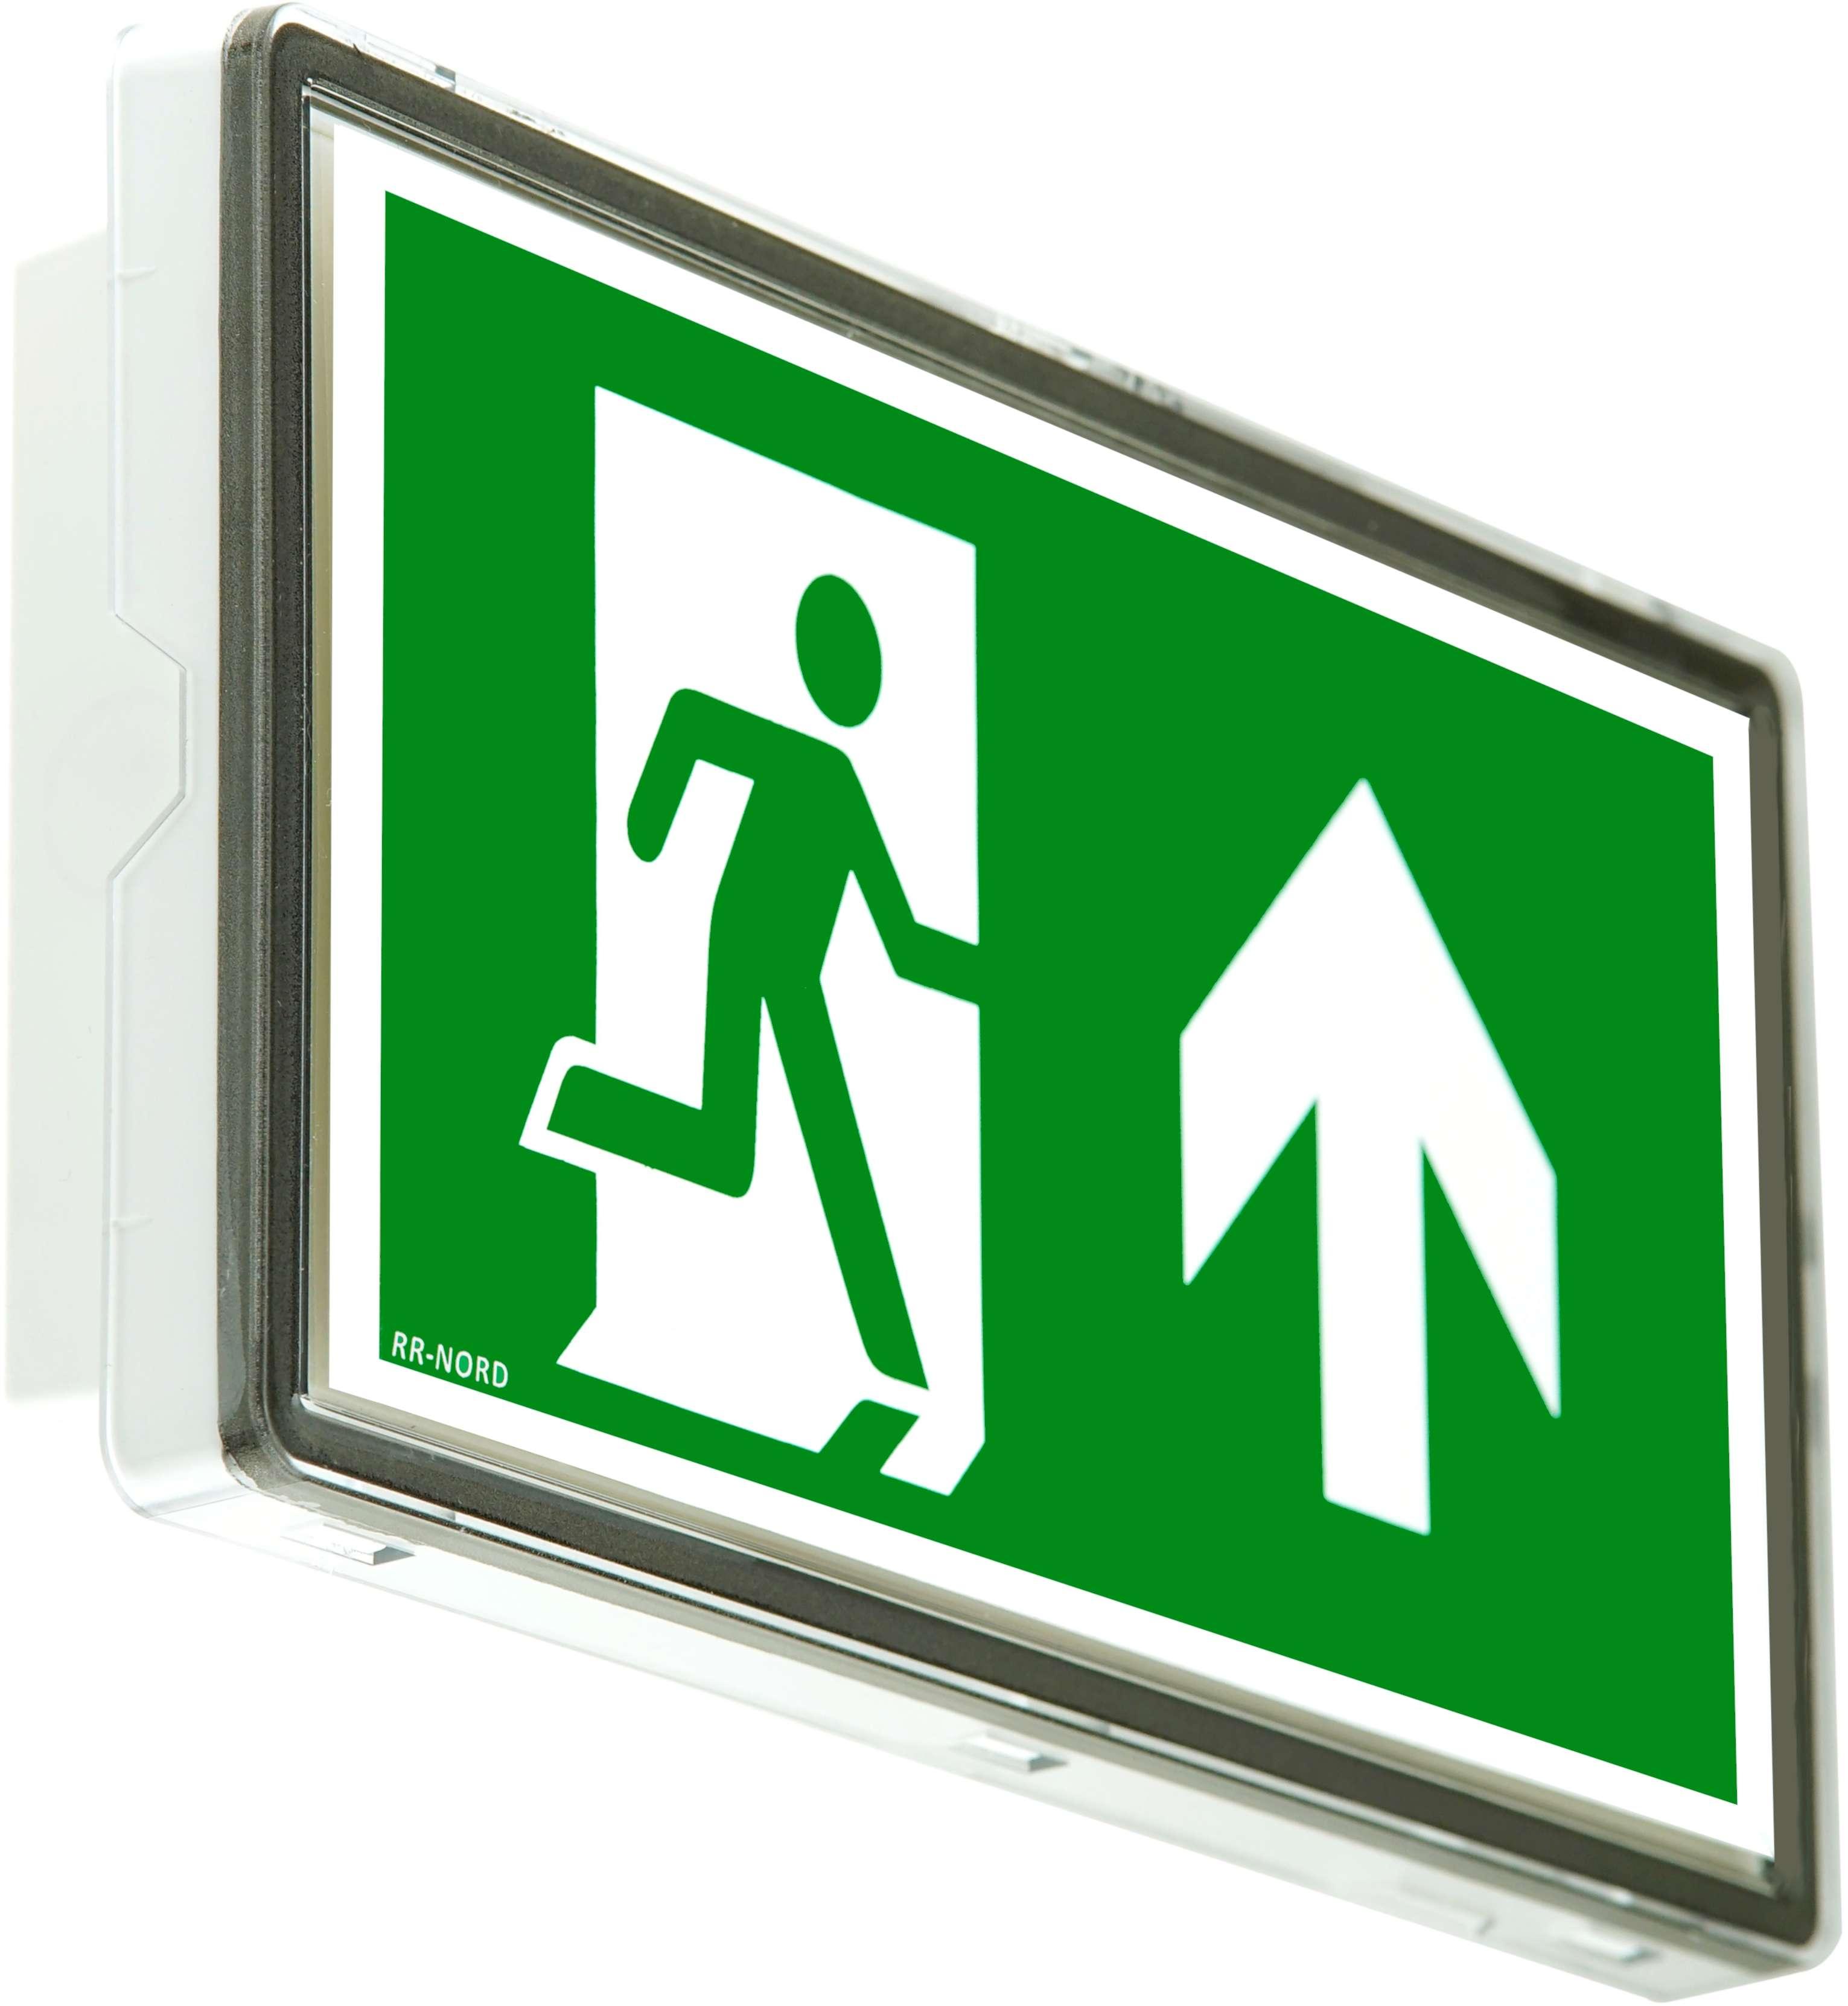 Notleuchte 8Stunden Autotest LED Notbeleuchtung Rettungszeichenleuchte  Notlicht